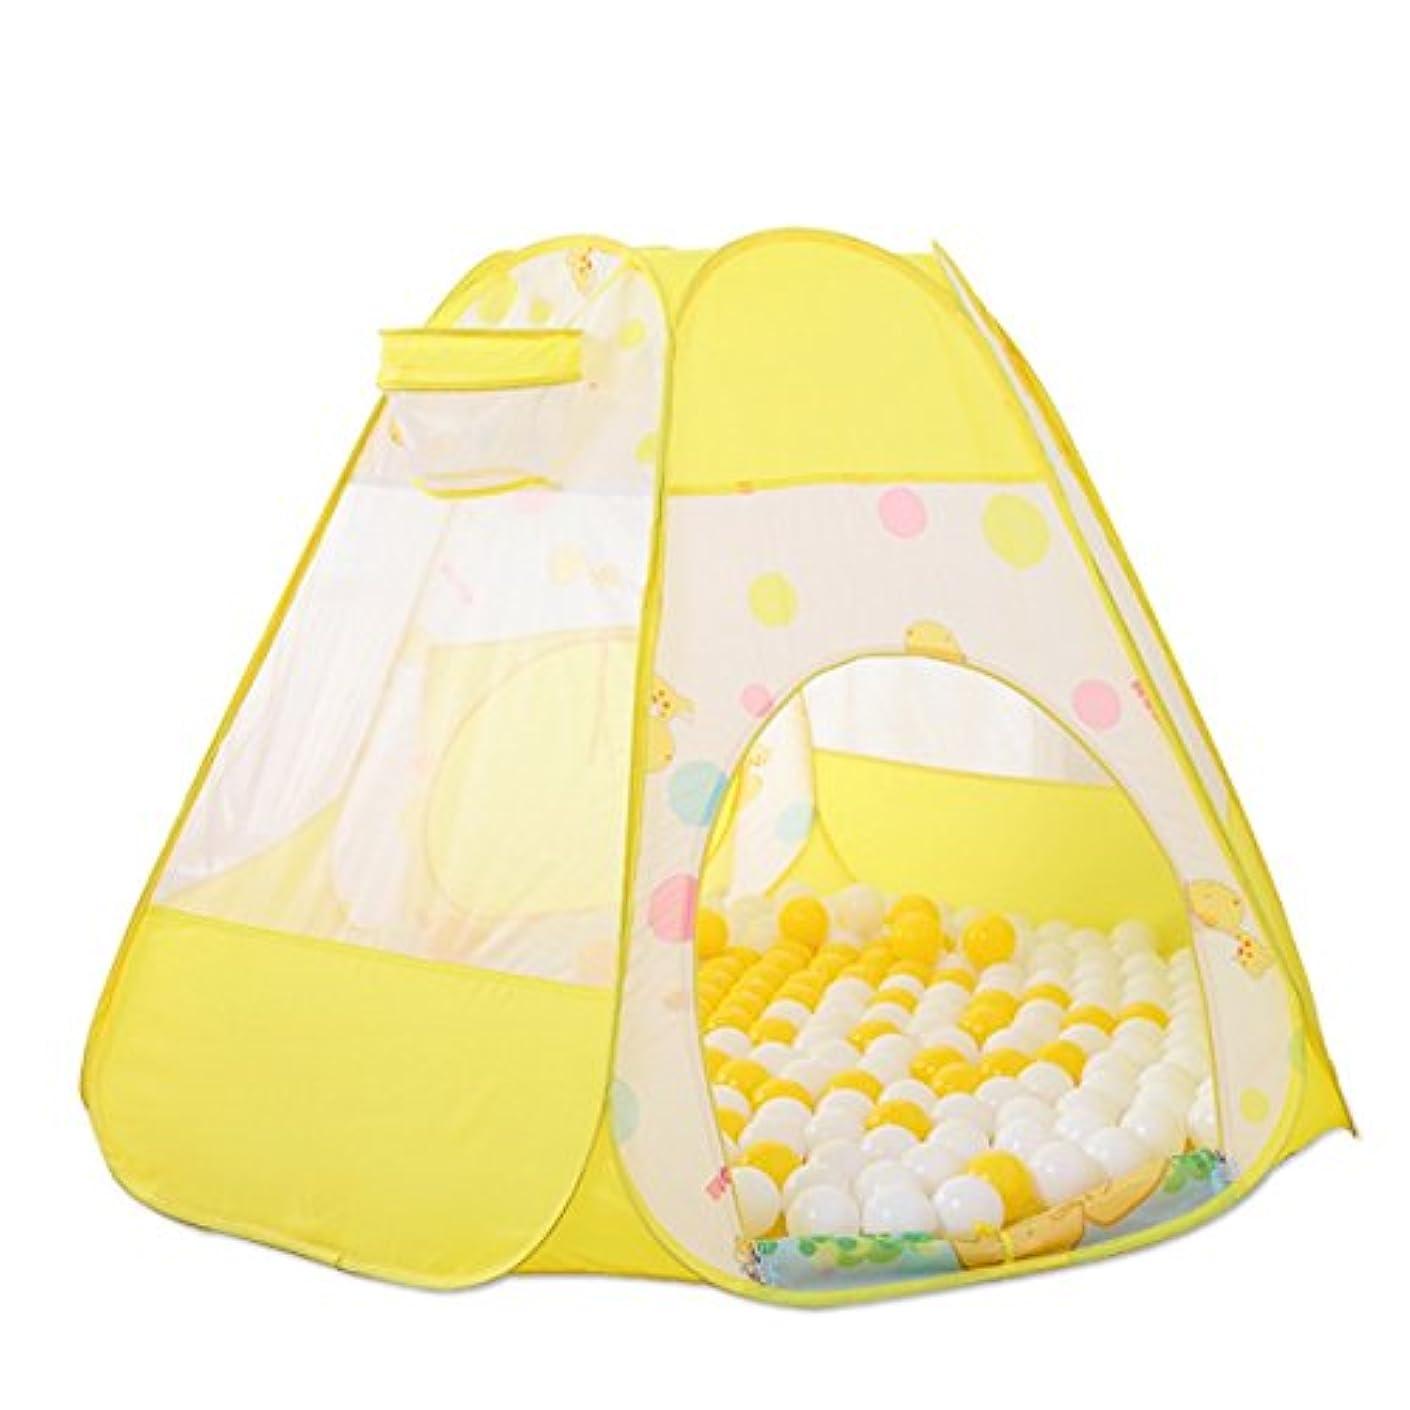 銀行申請中できないLWT 子供の遊びテント屋内のおもちゃの家は、厚めの赤ちゃんの遊園地を折りたたむことができます(イエロー140 * 97 * 40センチパッキングの1)